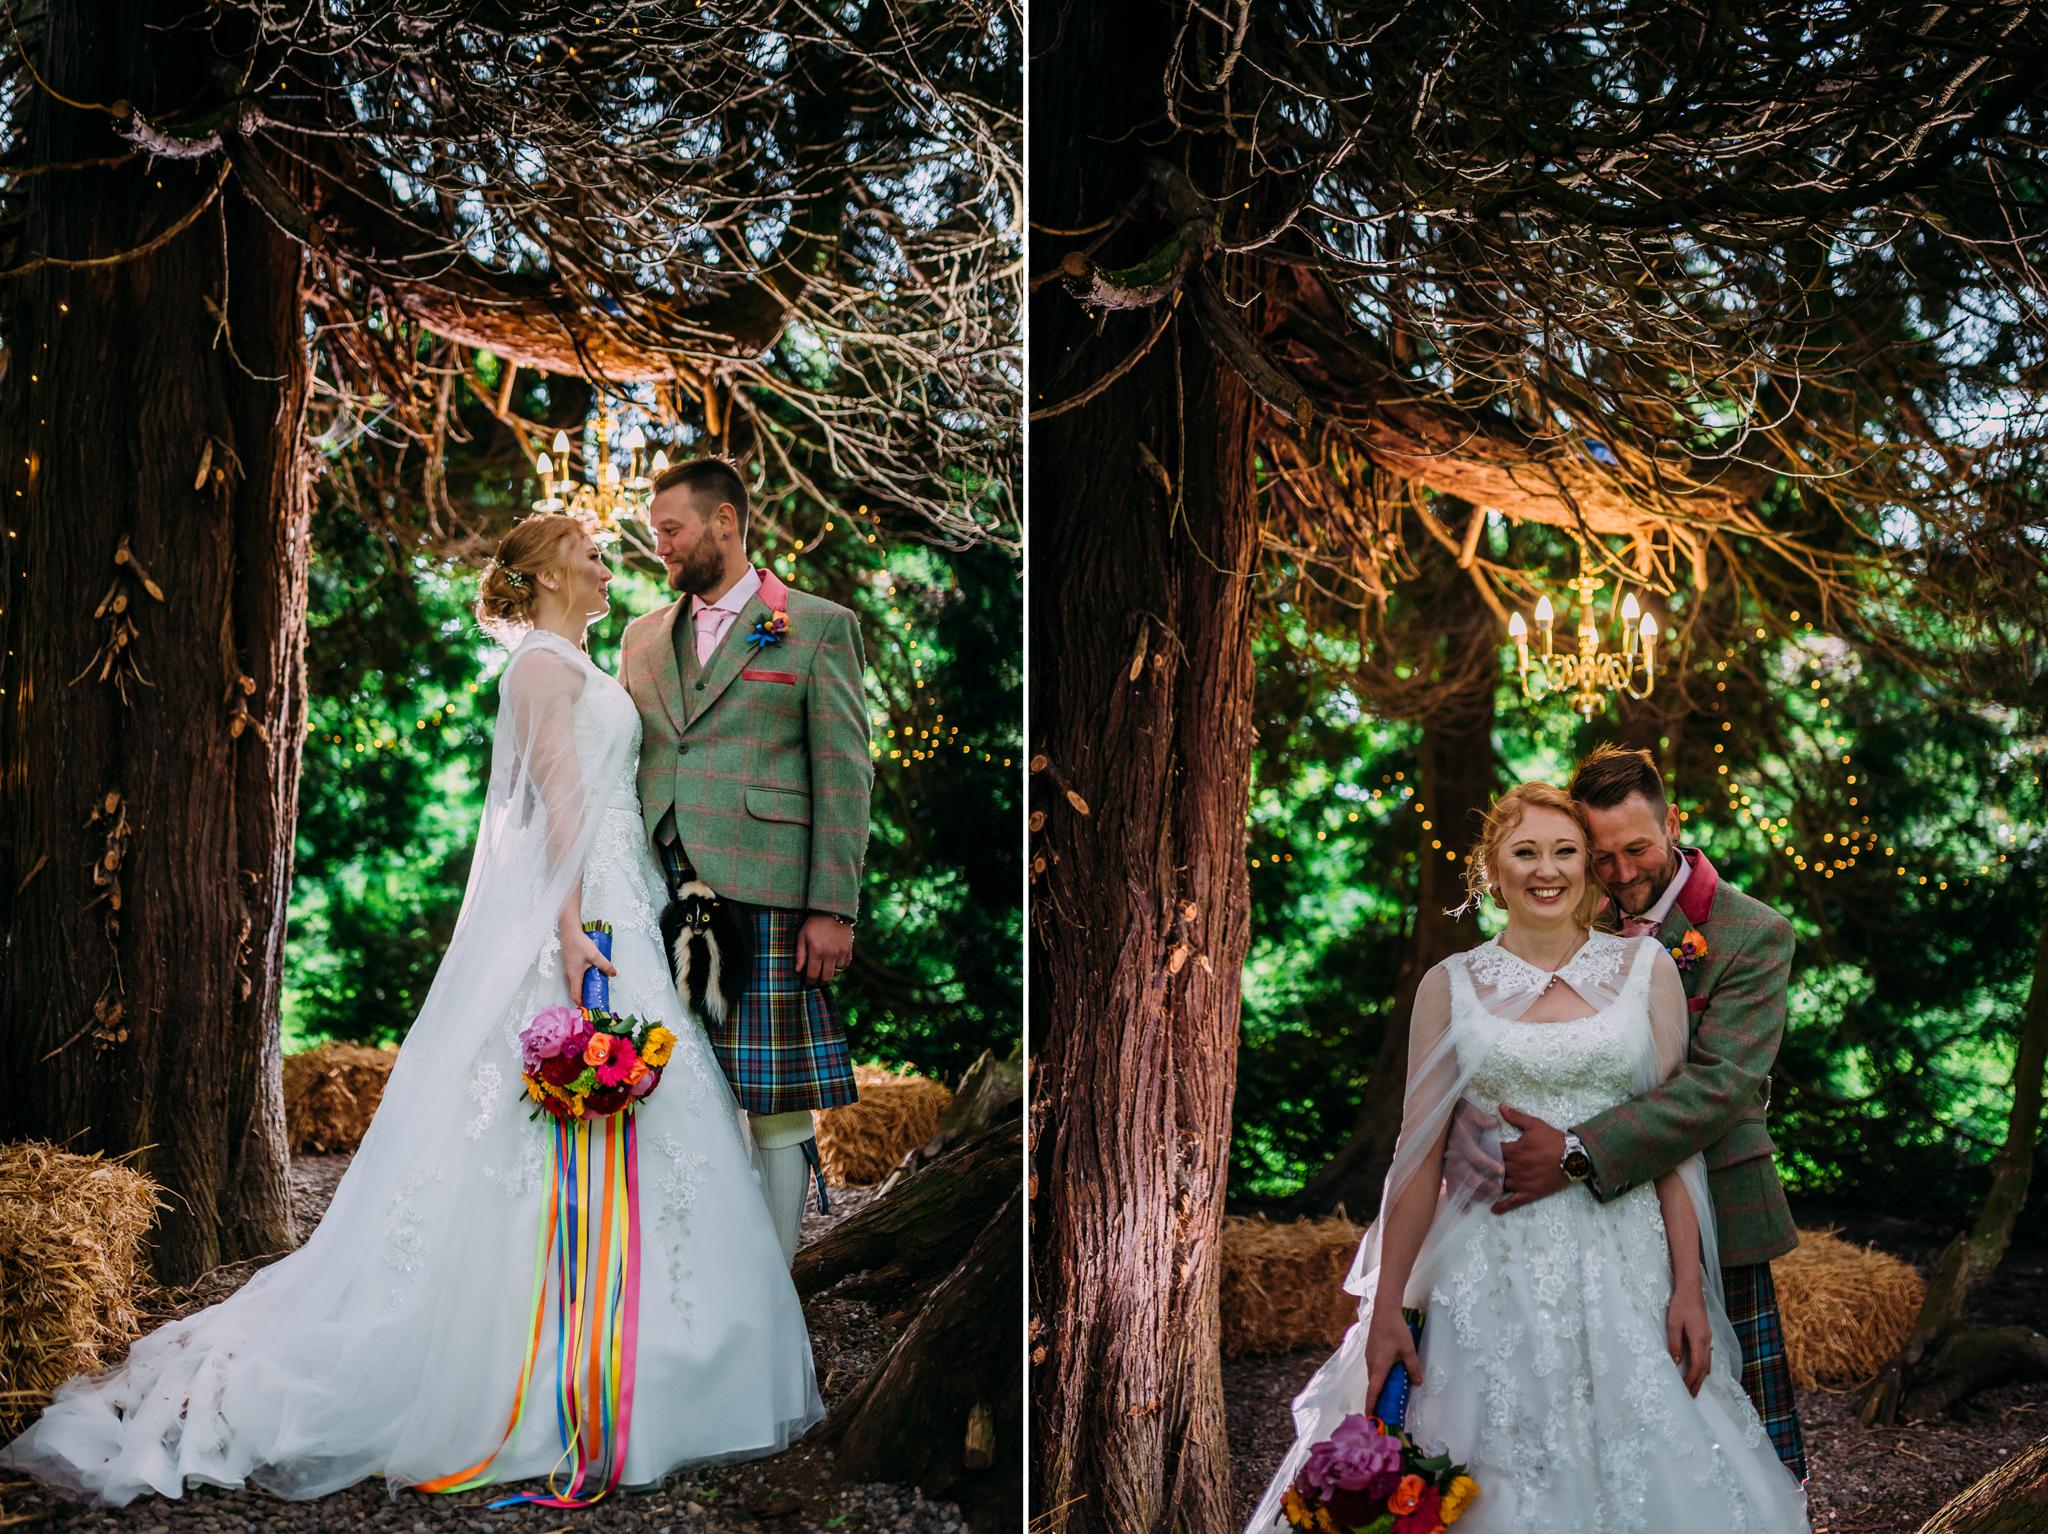 Bridal Make Up for Tullibole Castle Wedding